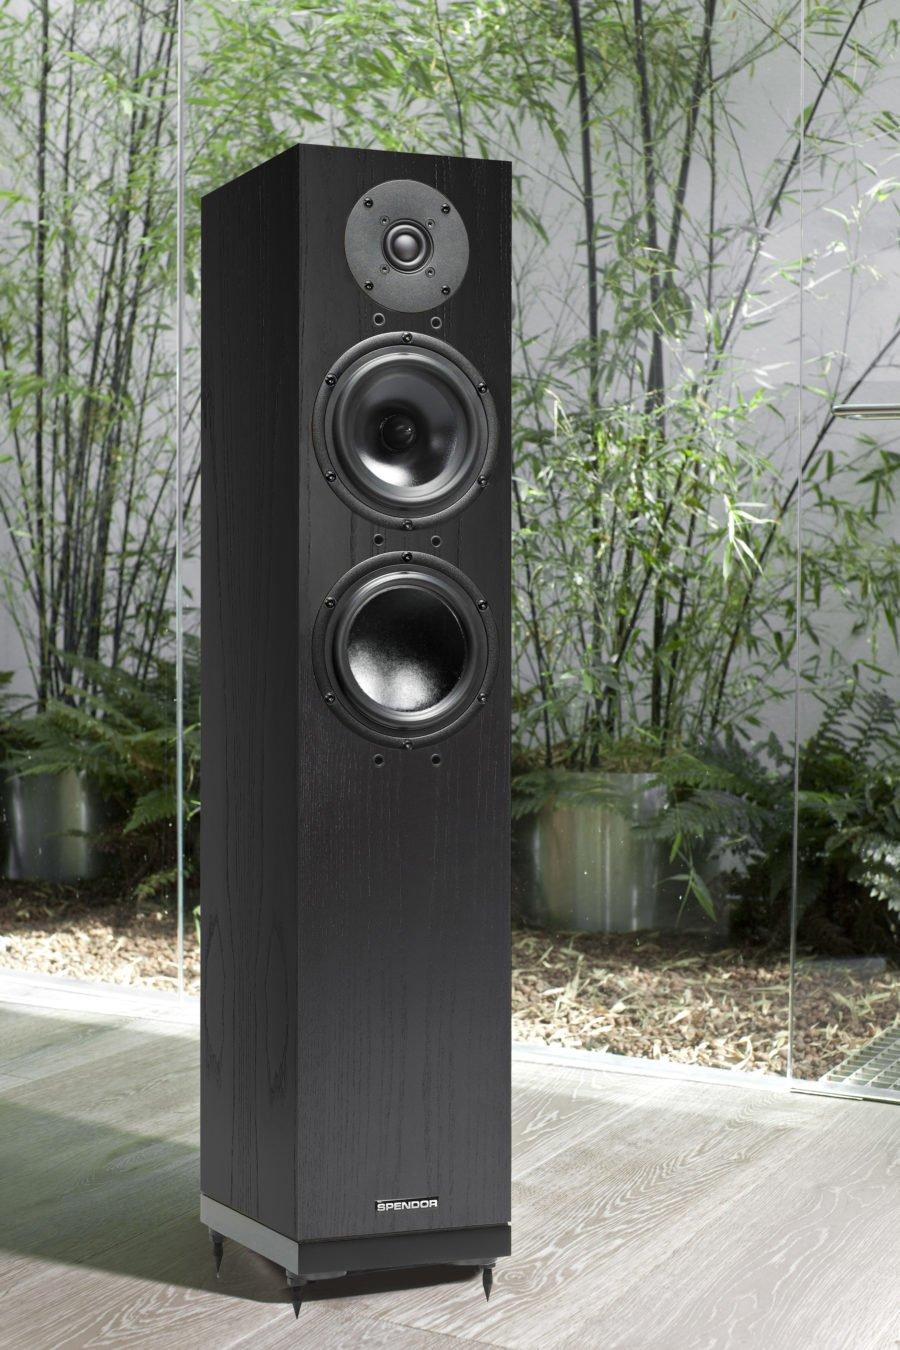 Spendor A5R Loudspeaker